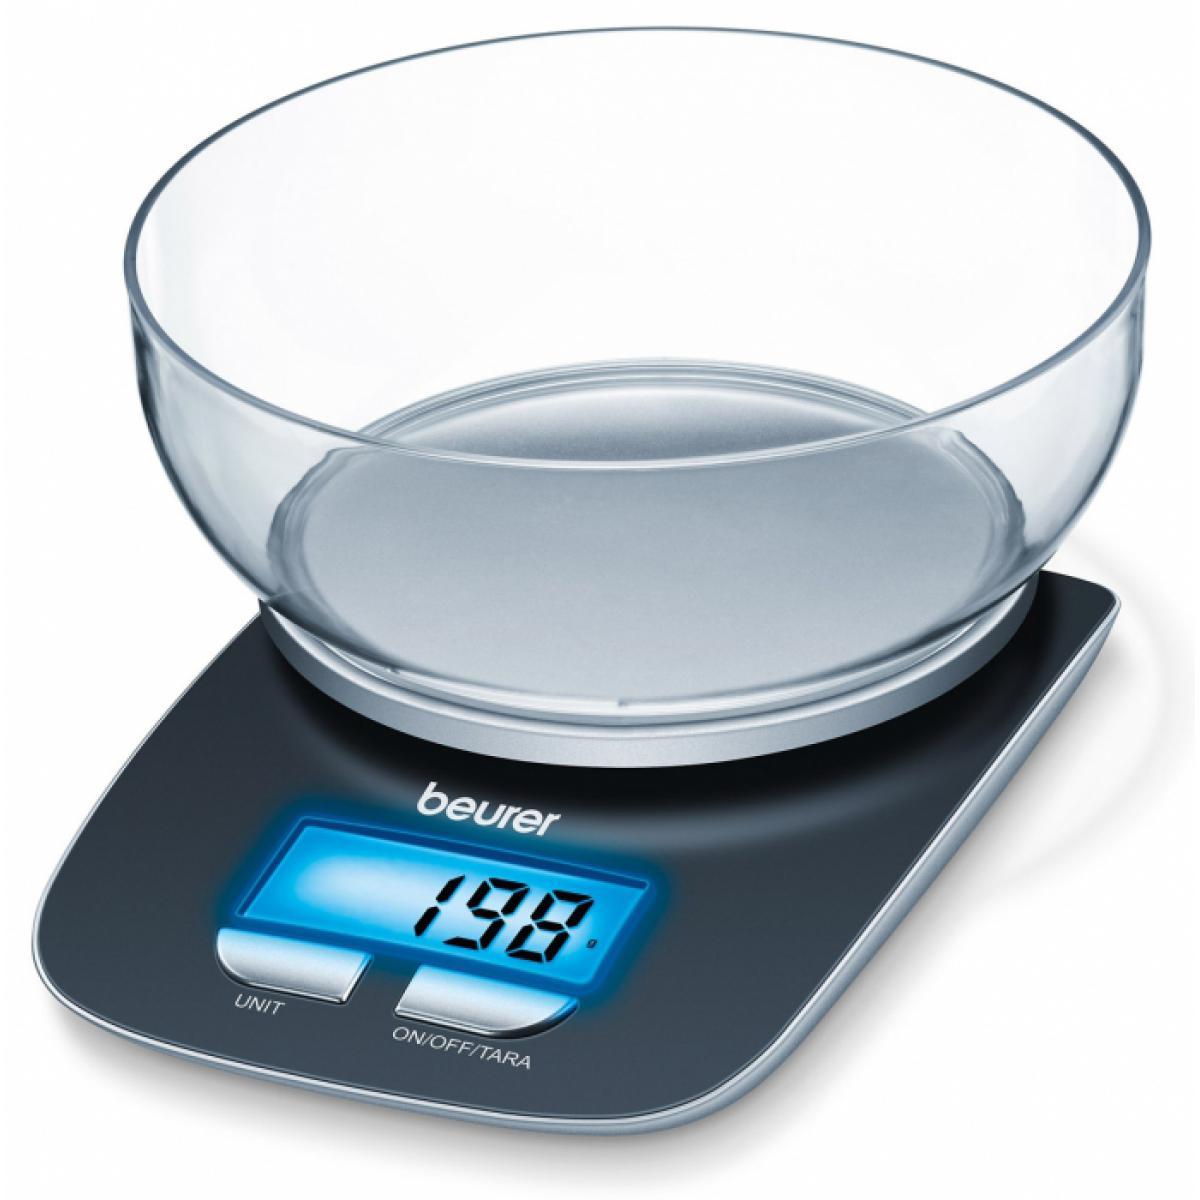 Beurer Beurer Balance de cuisine avec bol KS 25